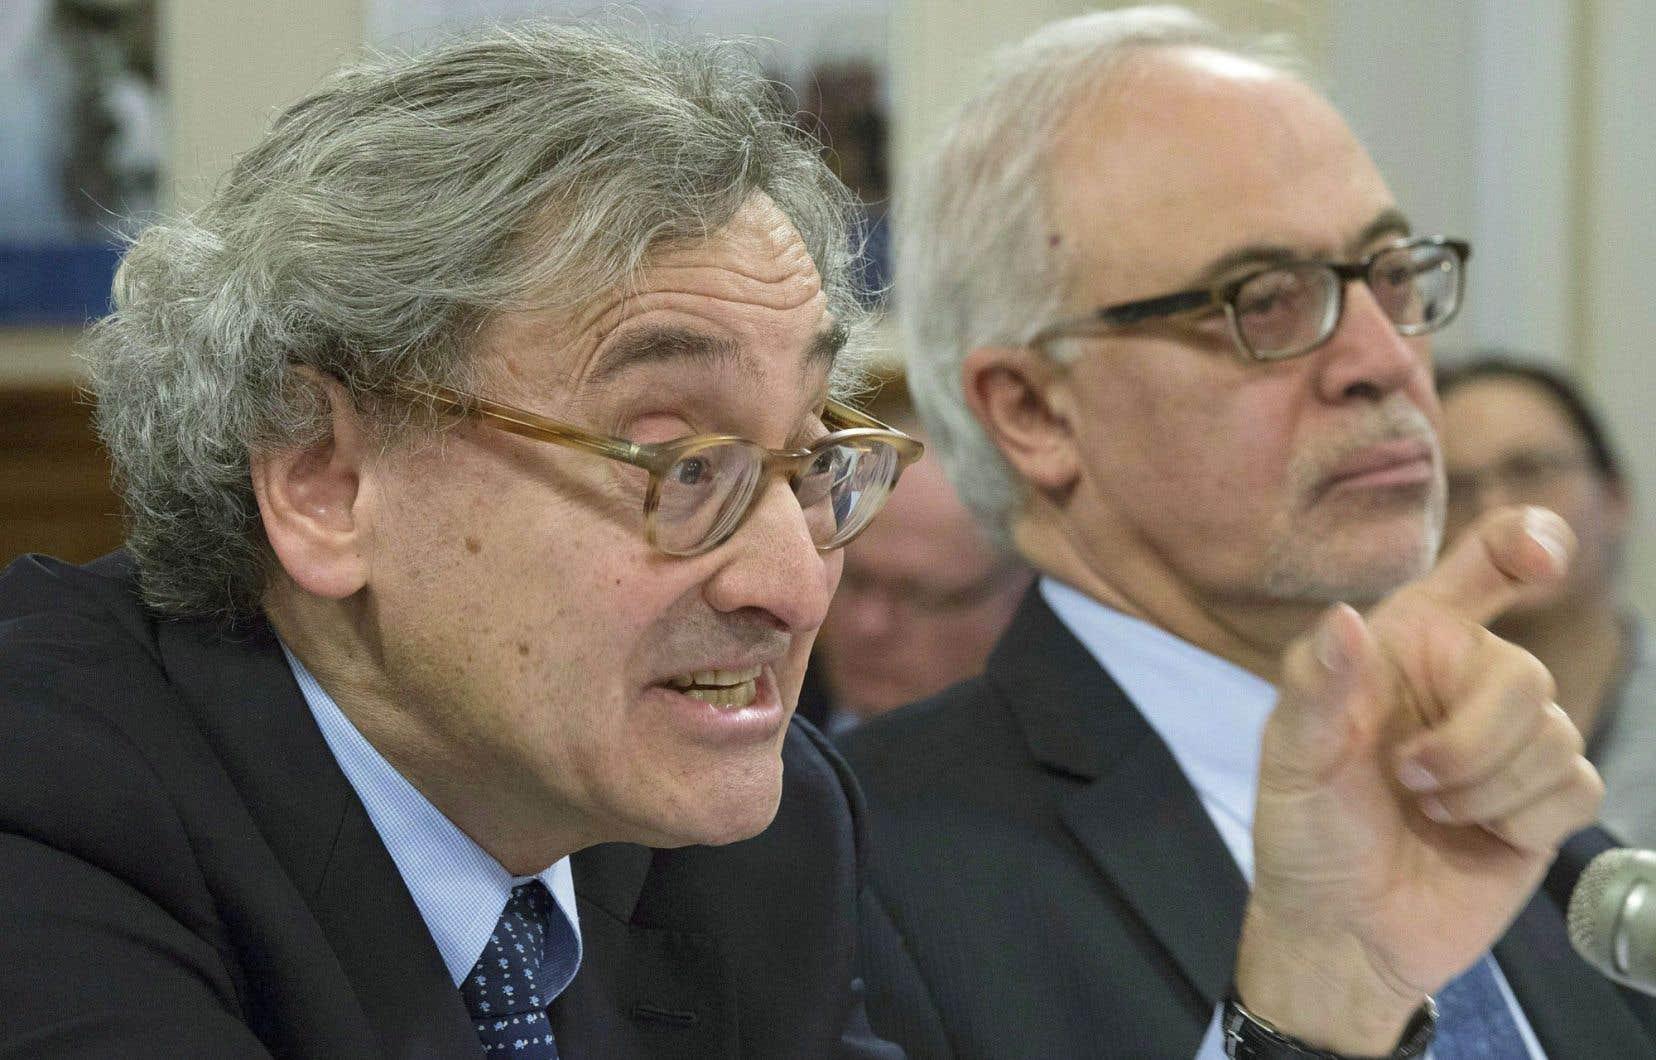 Michael Sabia, président de la Caisse de dépôt et placement du Québec, et, en arrière-plan, le ministre des Finances du Québec, Carlos Leitão